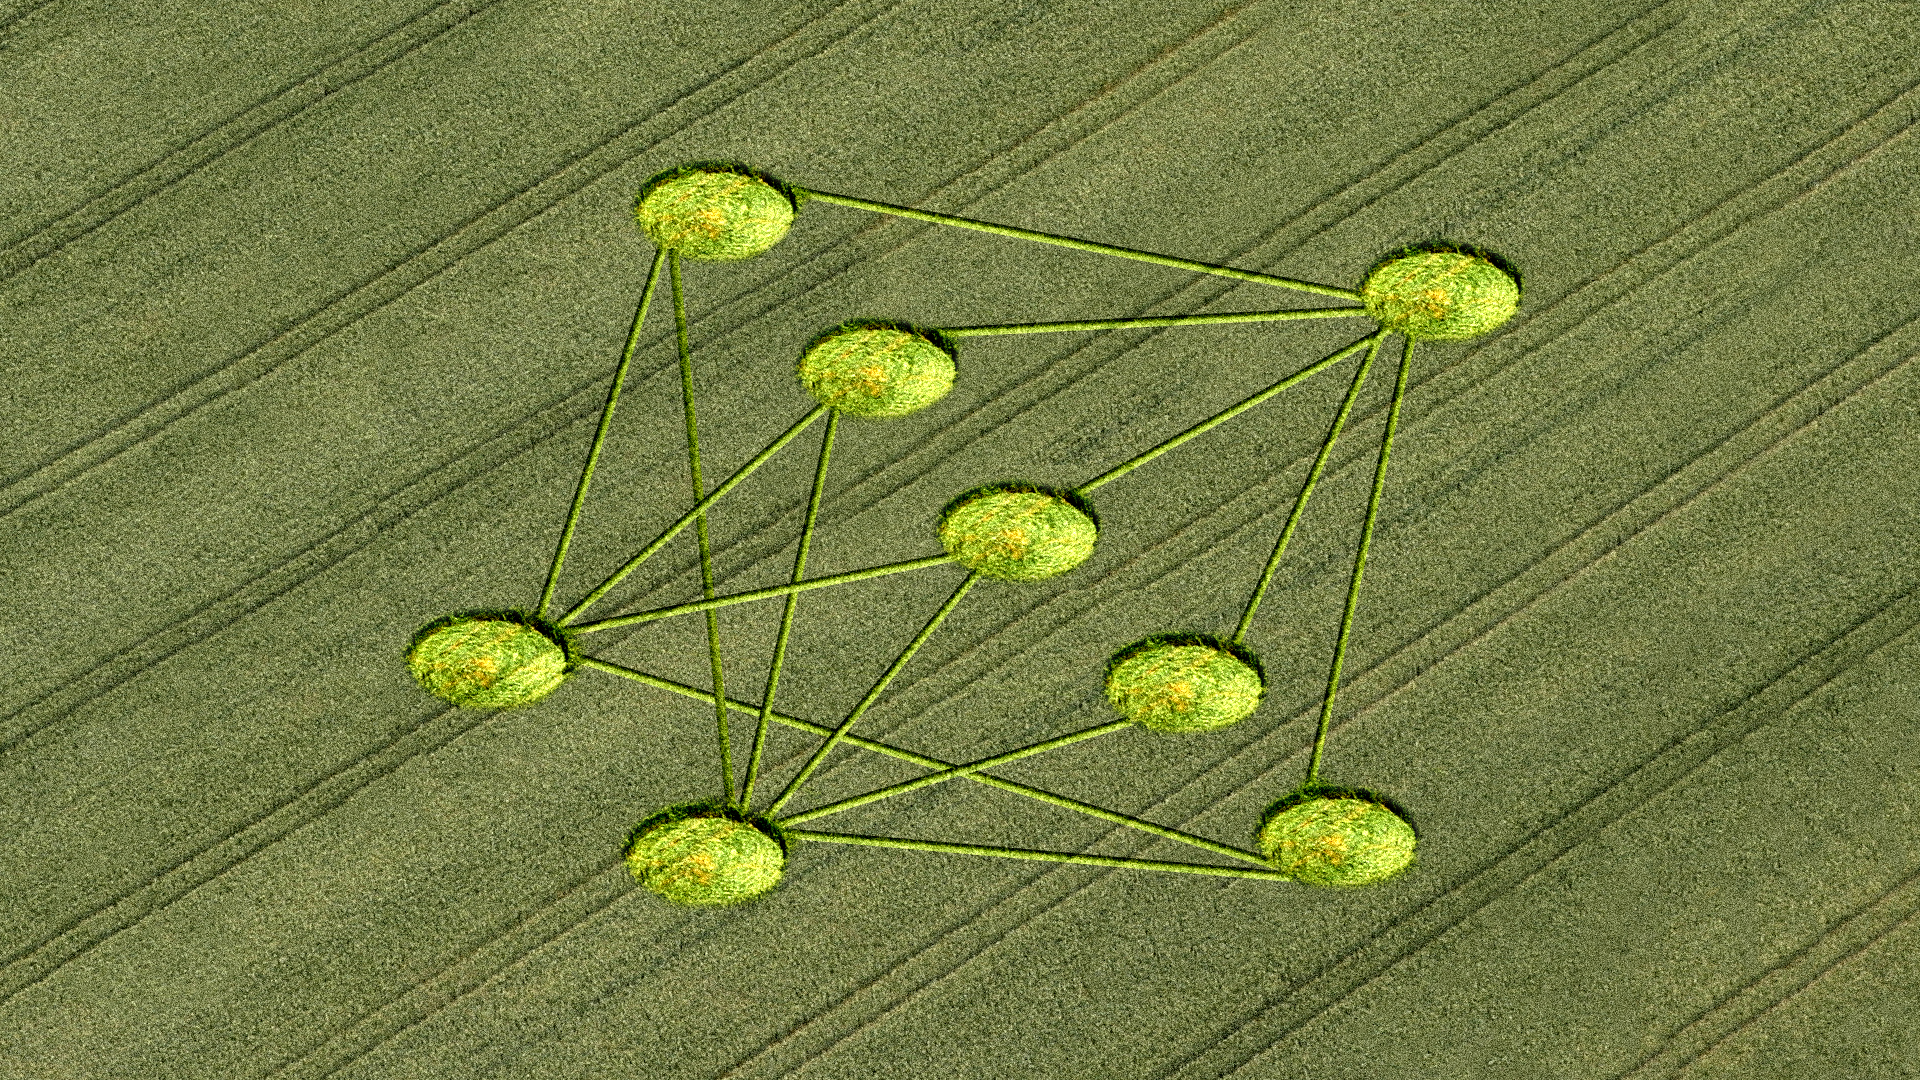 Illustration of crop design in shape of nodes.